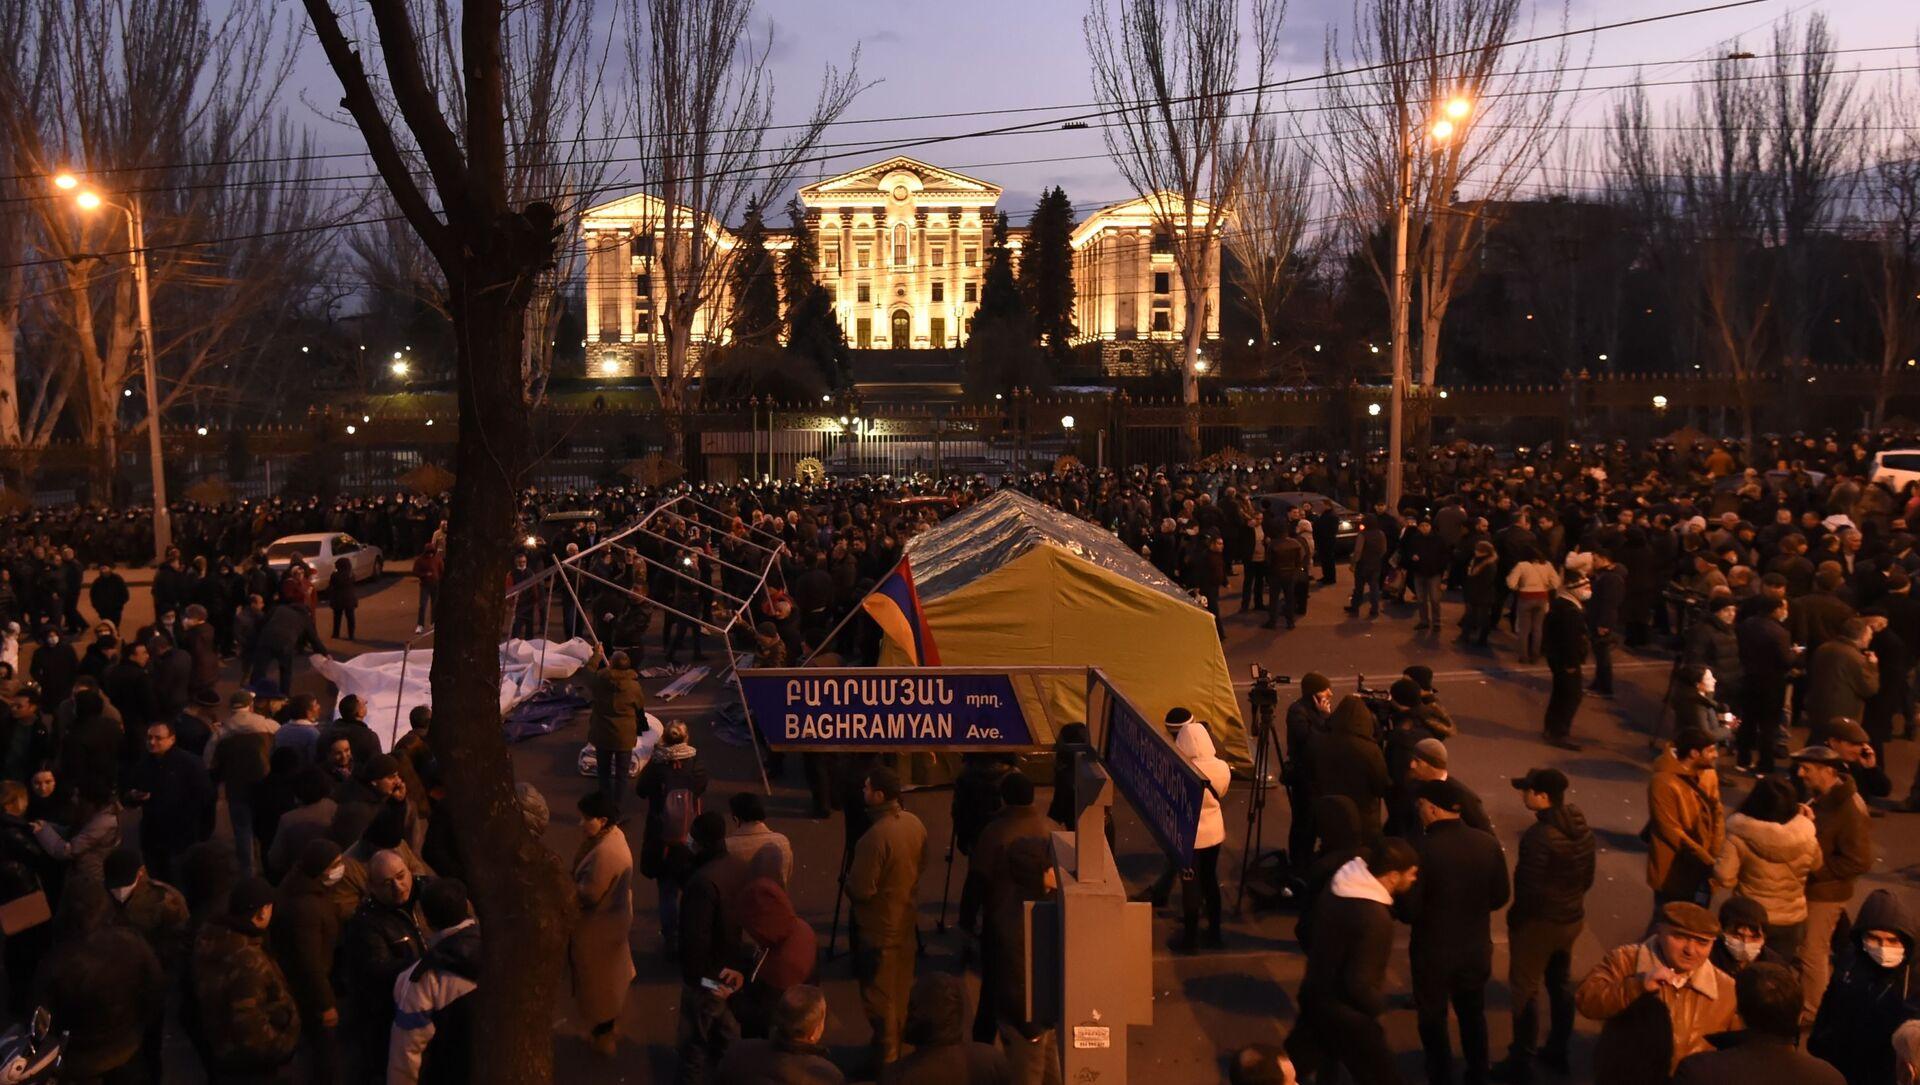 Opoziční aktivisté před arménským parlamentem v Jerevanu - Sputnik Česká republika, 1920, 26.02.2021